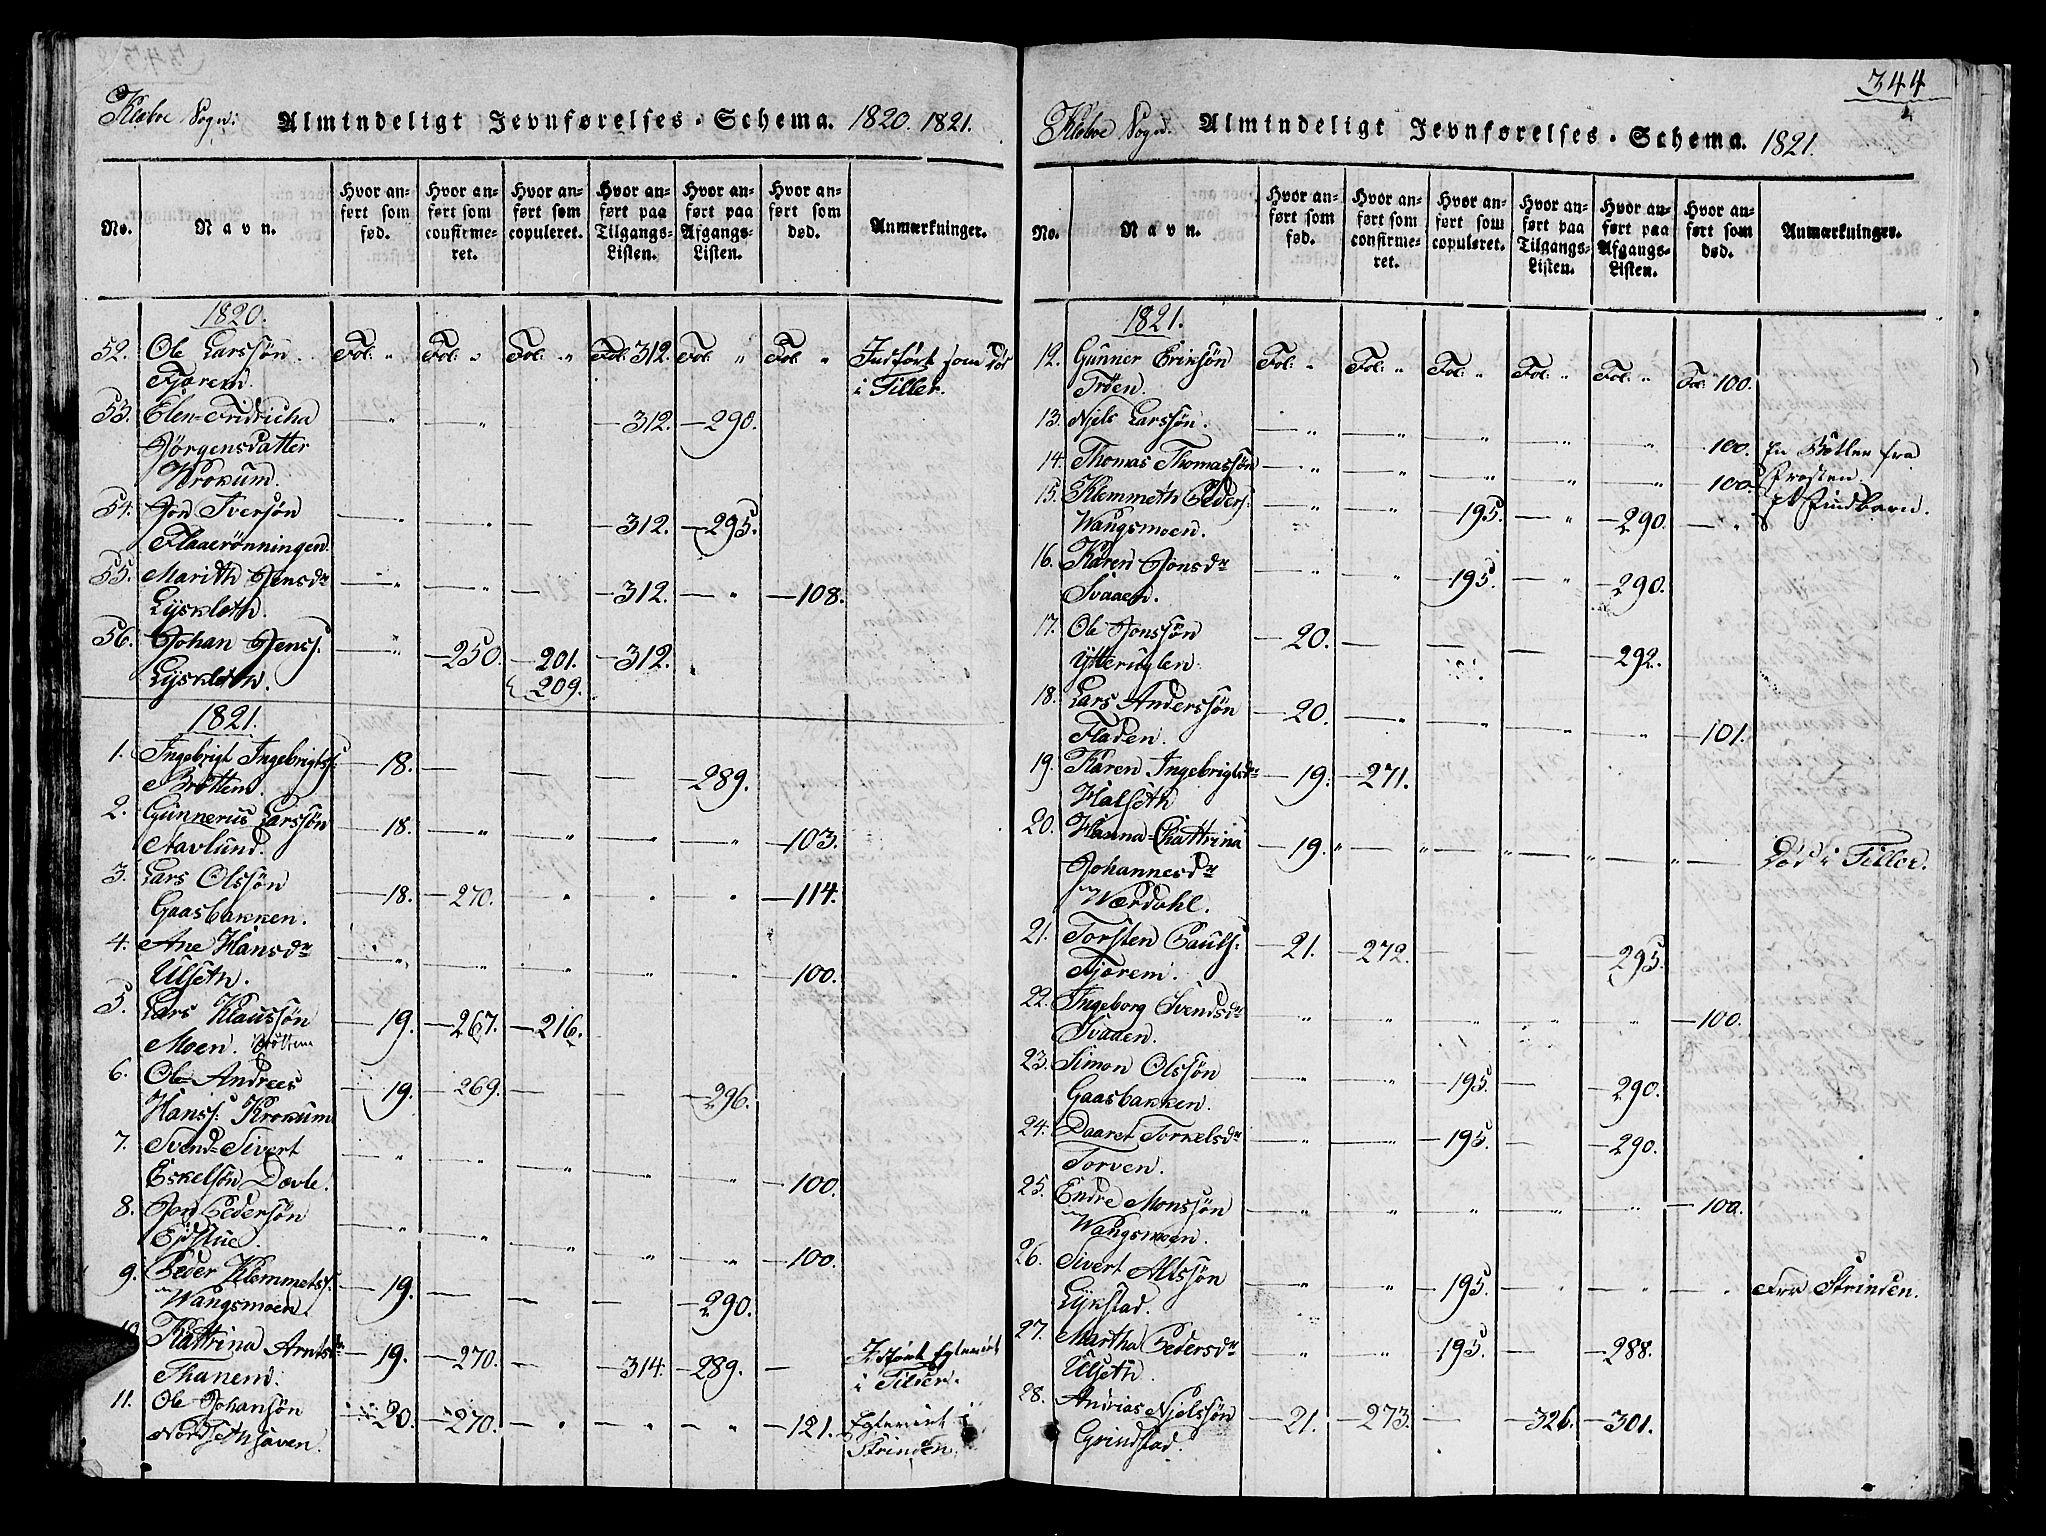 SAT, Ministerialprotokoller, klokkerbøker og fødselsregistre - Sør-Trøndelag, 618/L0450: Klokkerbok nr. 618C01, 1816-1865, s. 344